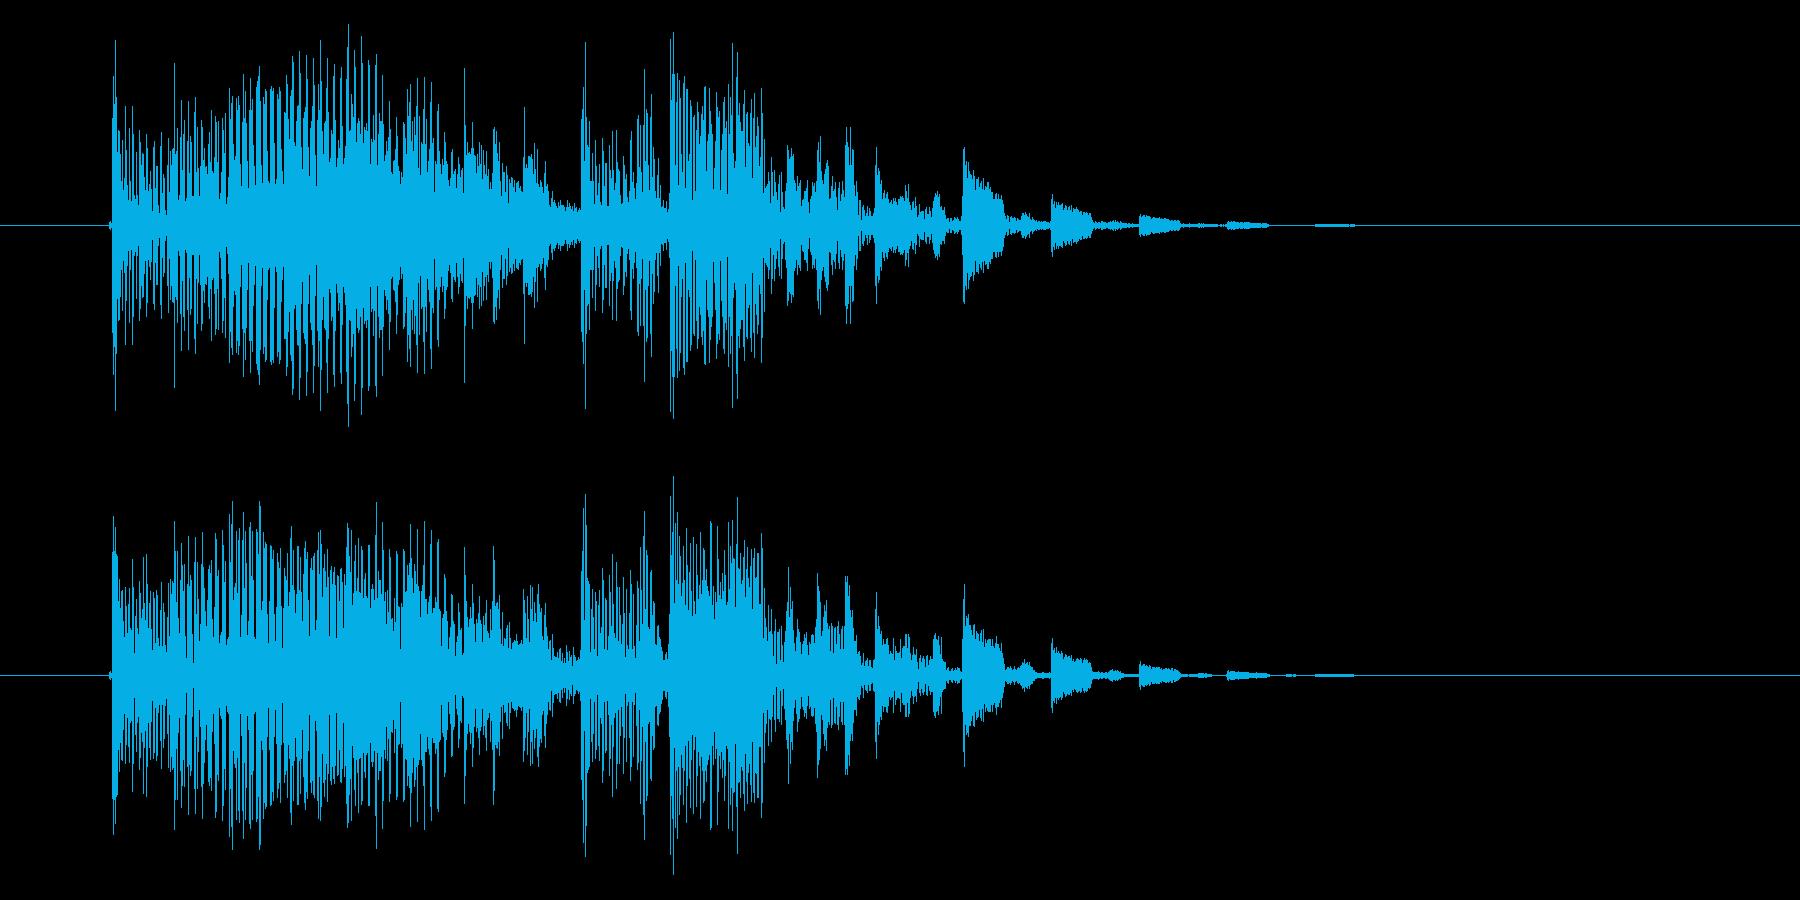 明るいテクノ風のジングル曲、サウンドロゴの再生済みの波形